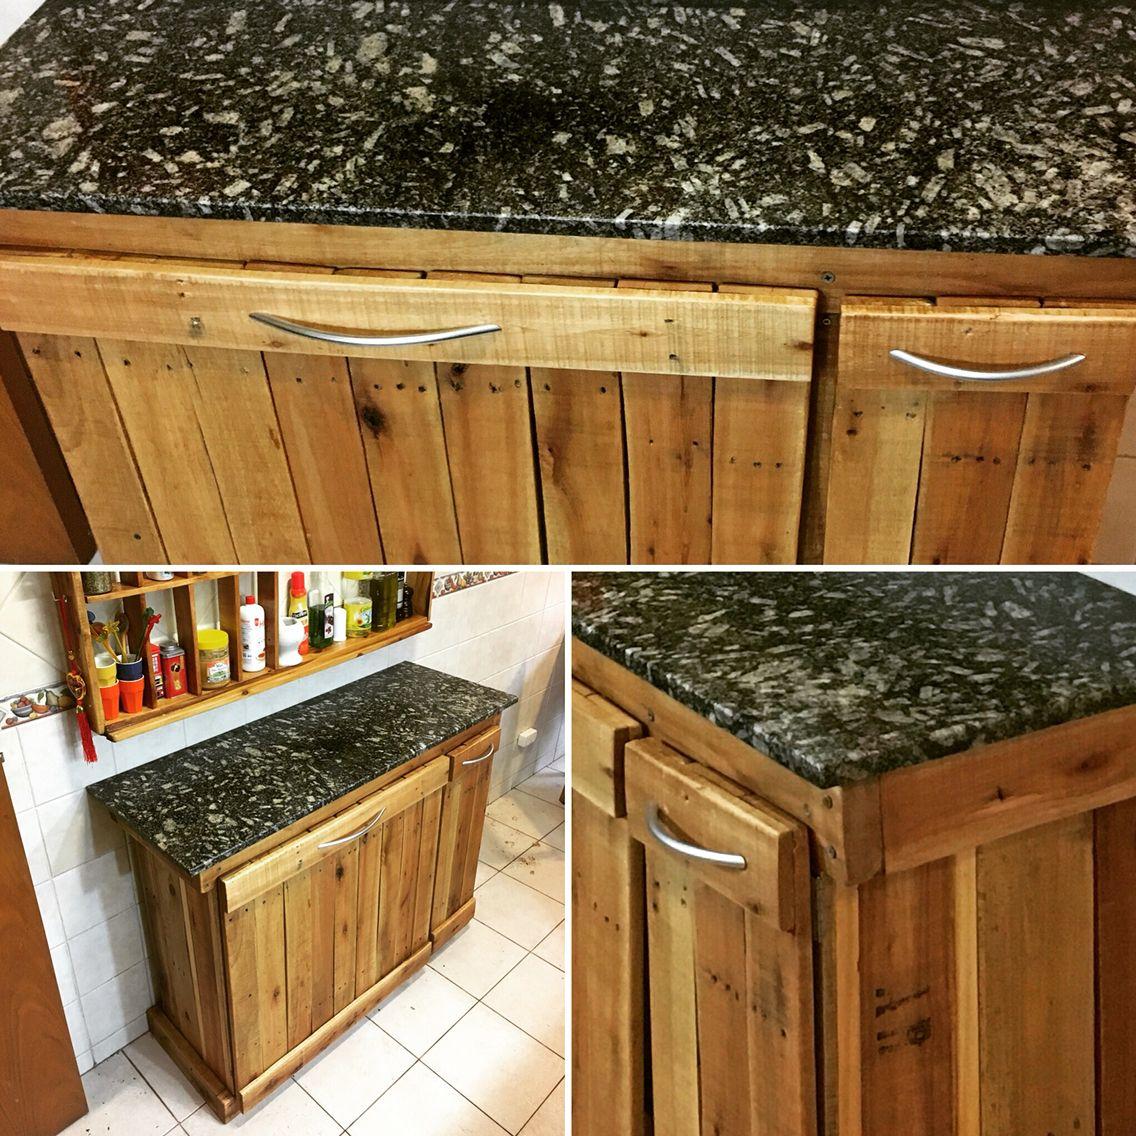 Isla de cocina a base de madera de palet con puertas - Cocinas con tarimas ...